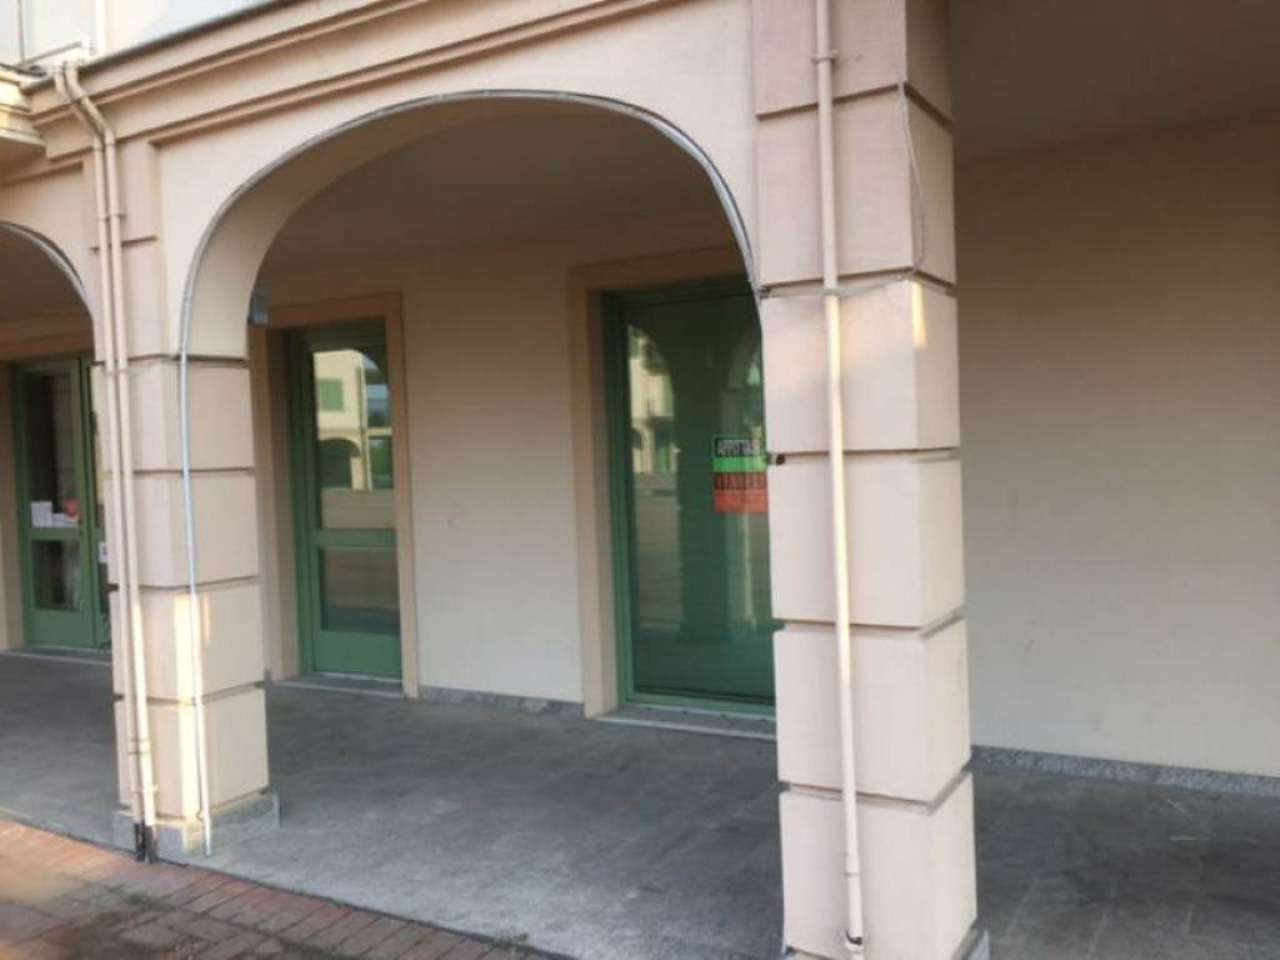 Ufficio / Studio in affitto a Villanova d'Asti, 2 locali, prezzo € 380 | Cambio Casa.it